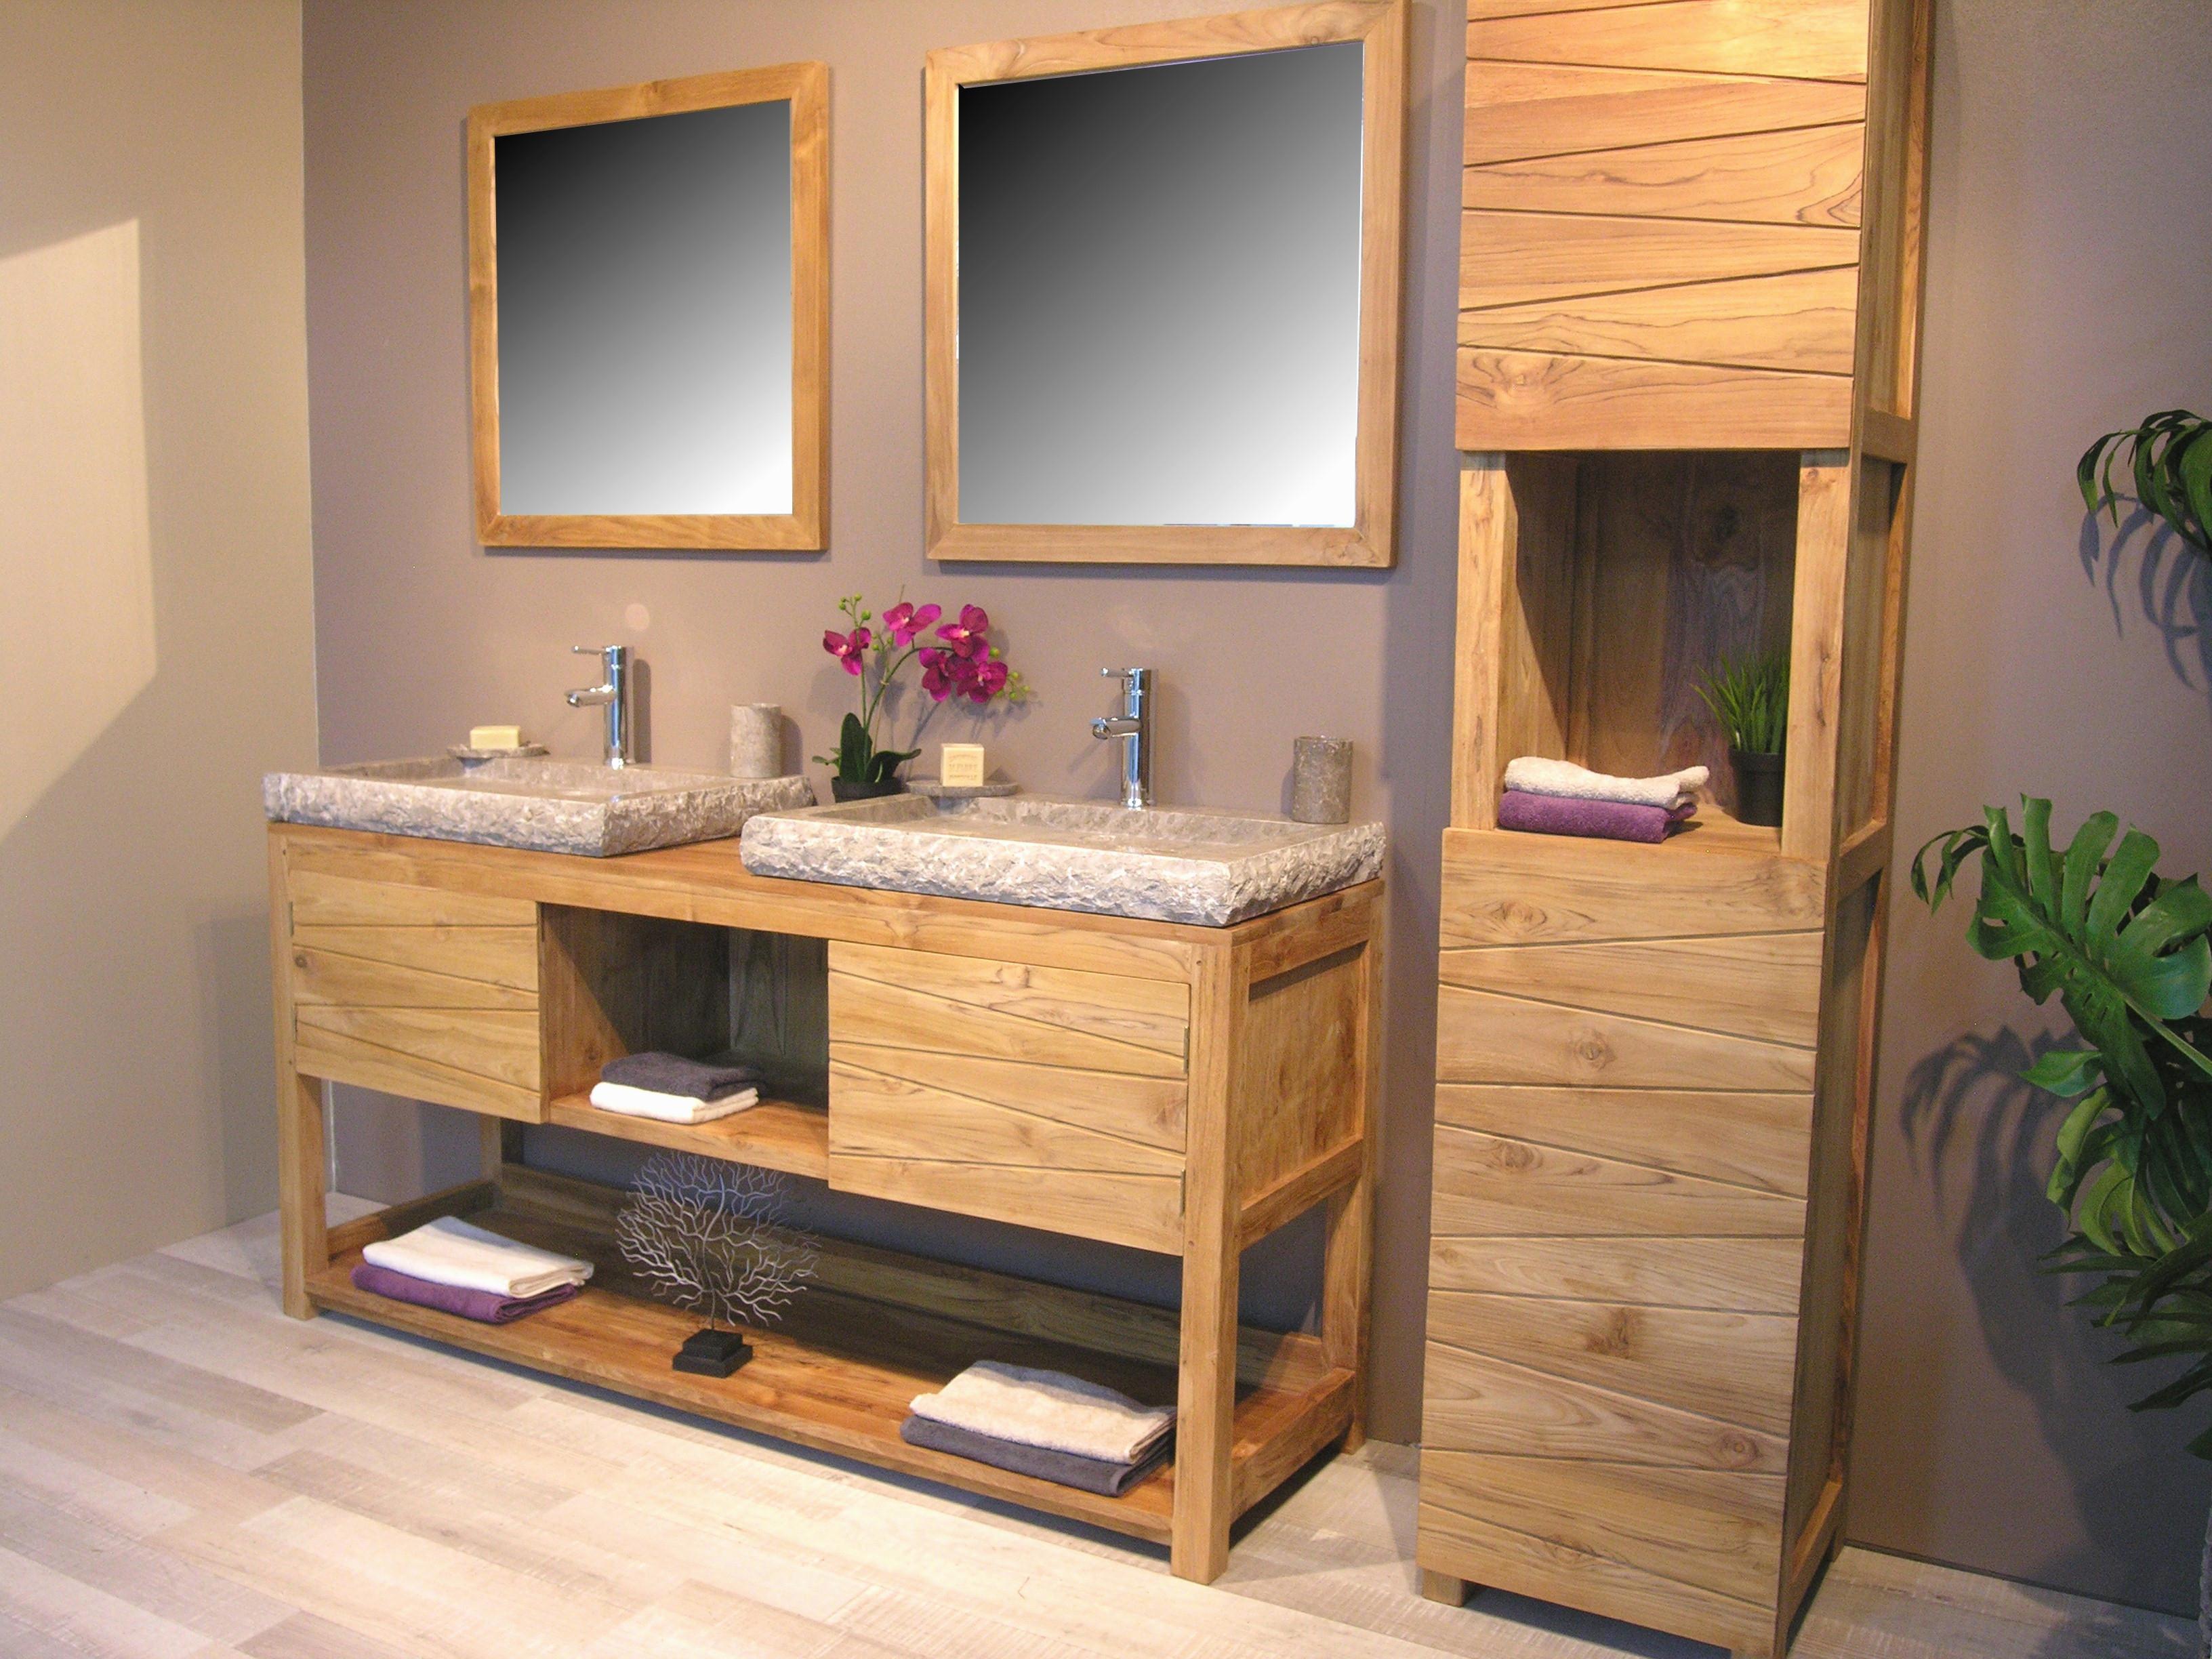 Meuble Vasque Salle De Bain Ikea Beau Photos 20 Beau Meuble Salle De Bain Bambou Ikea Bain